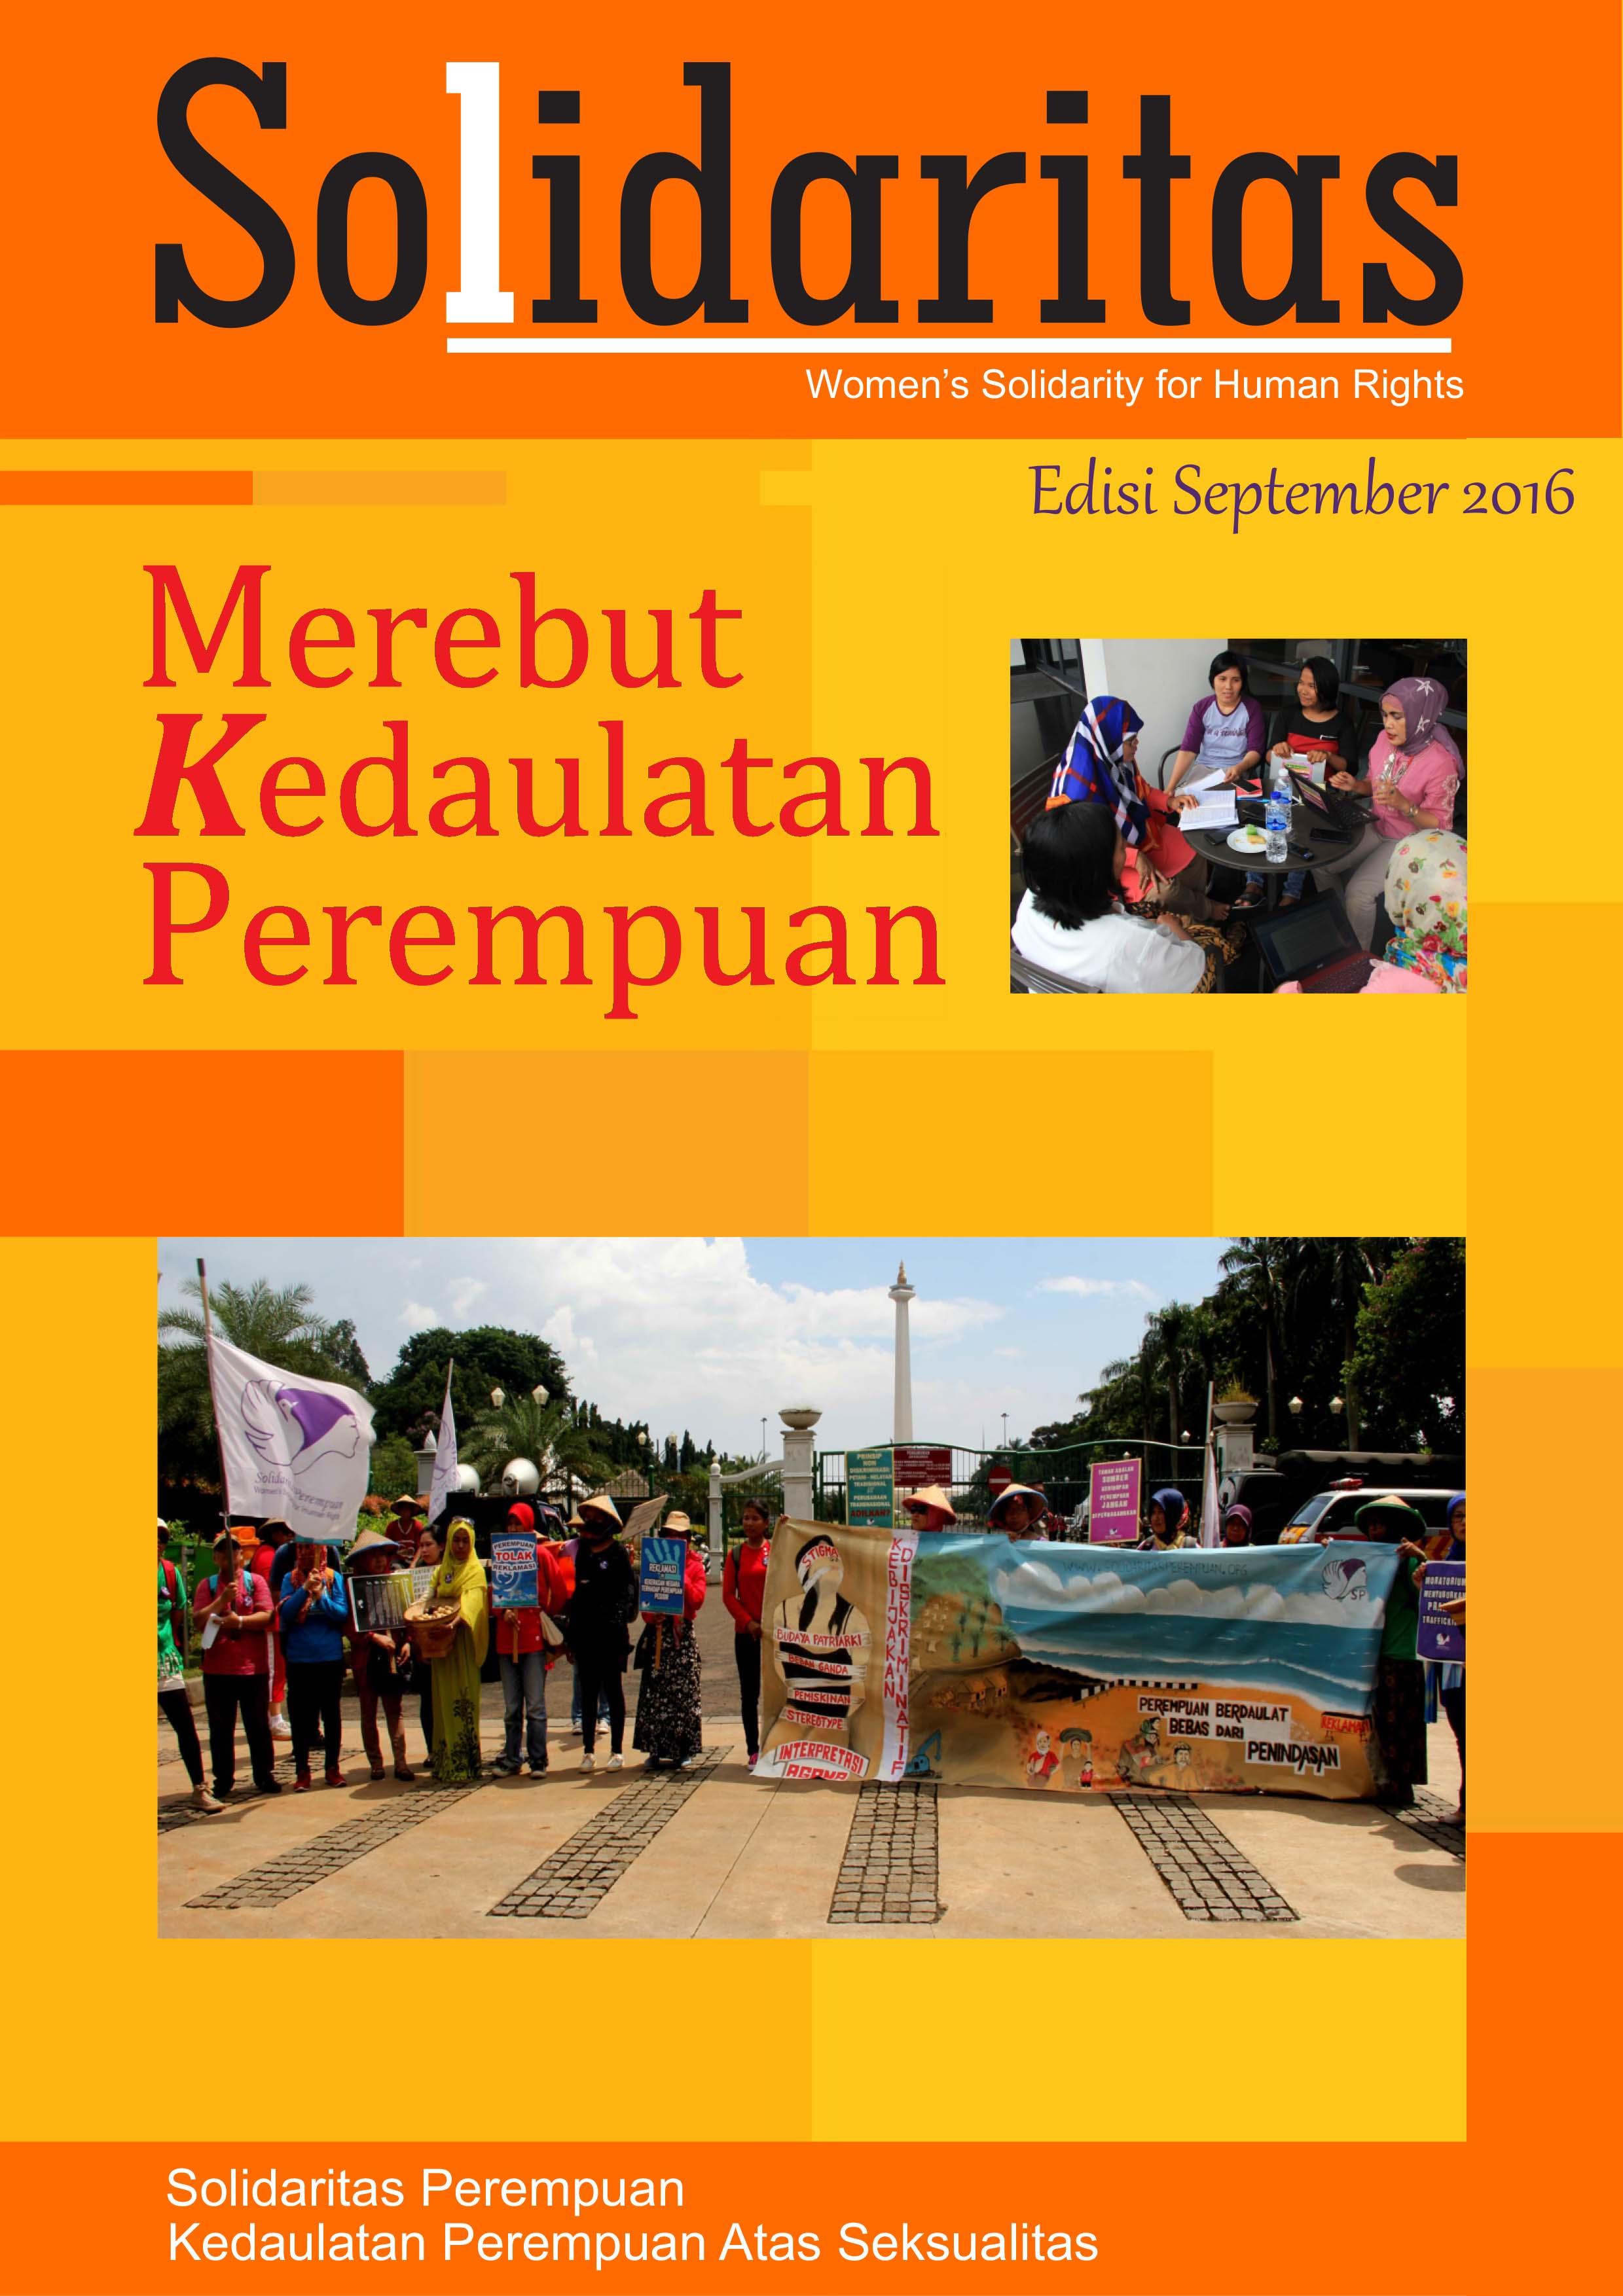 Cover Buletin Merebut Kedaulatan Perempuan.jpg